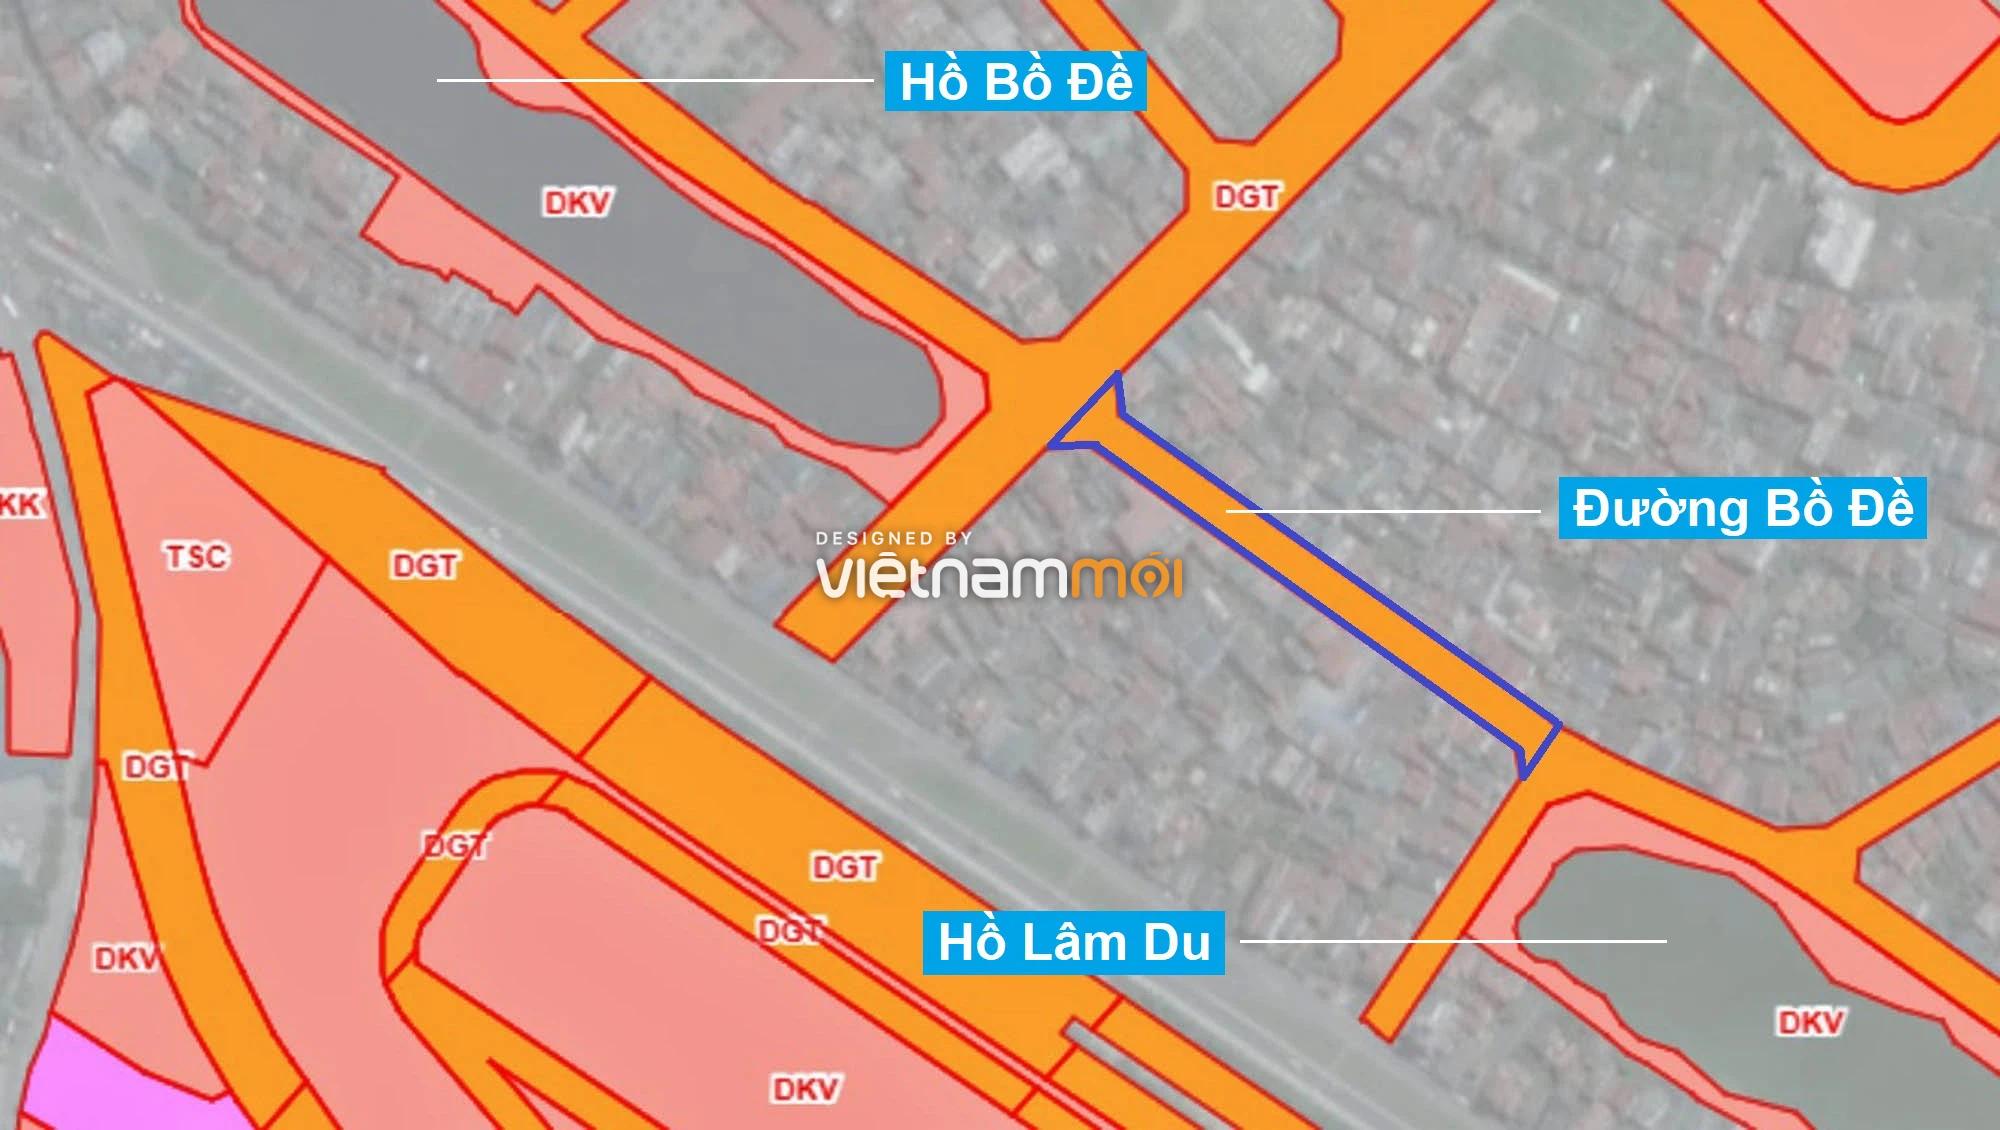 Những khu đất sắp thu hồi để mở đường ở phường Bồ Đề, Long Biên, Hà Nội (phần 2) - Ảnh 12.